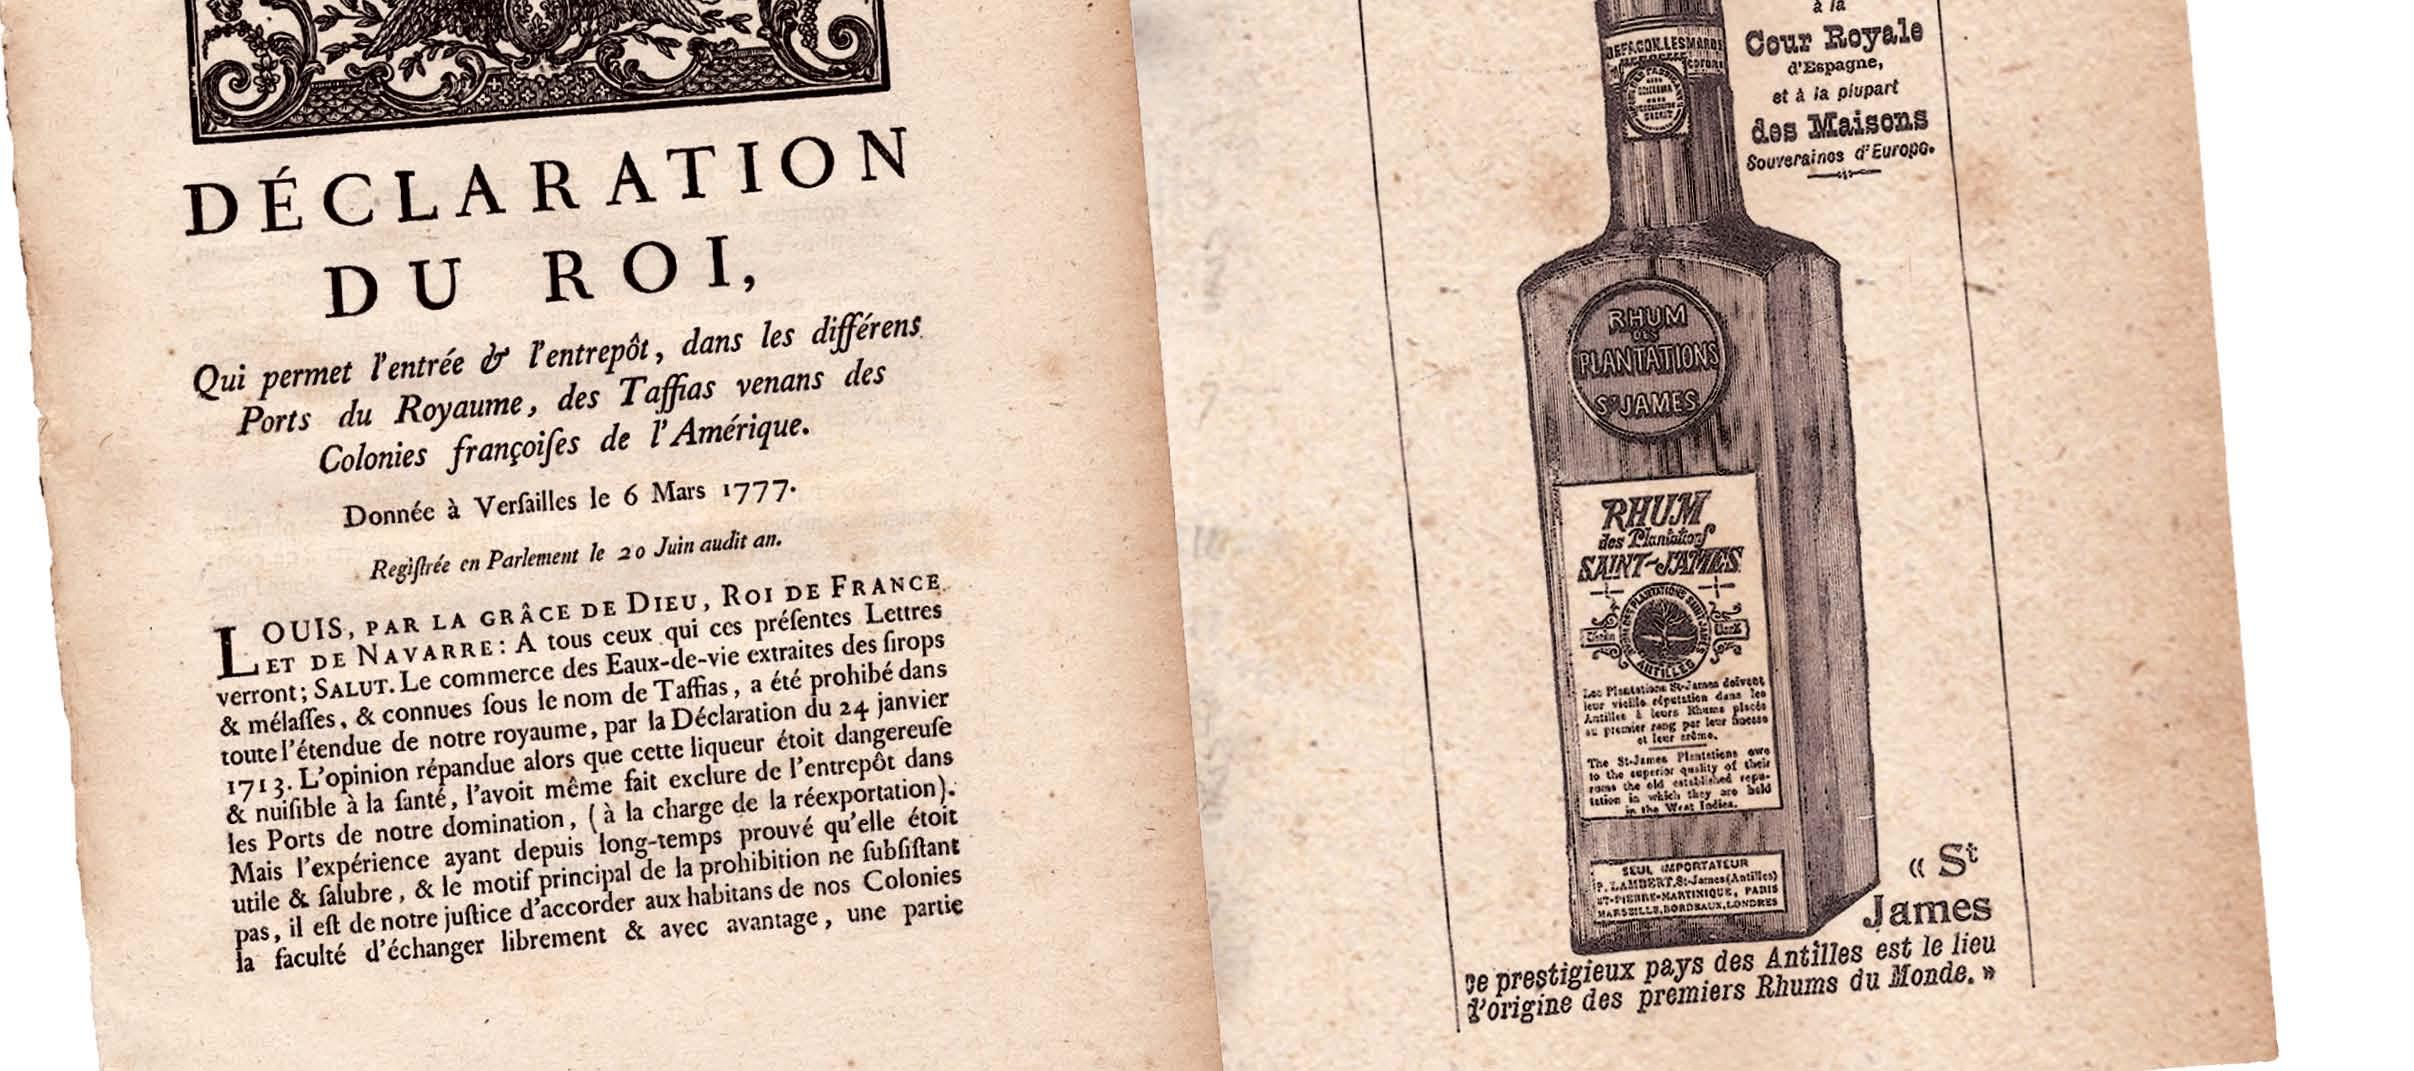 """Détail d'une parution Saint James """"The Graphic"""" 3 juillet 1886. Déclaration du Roi de 1777."""